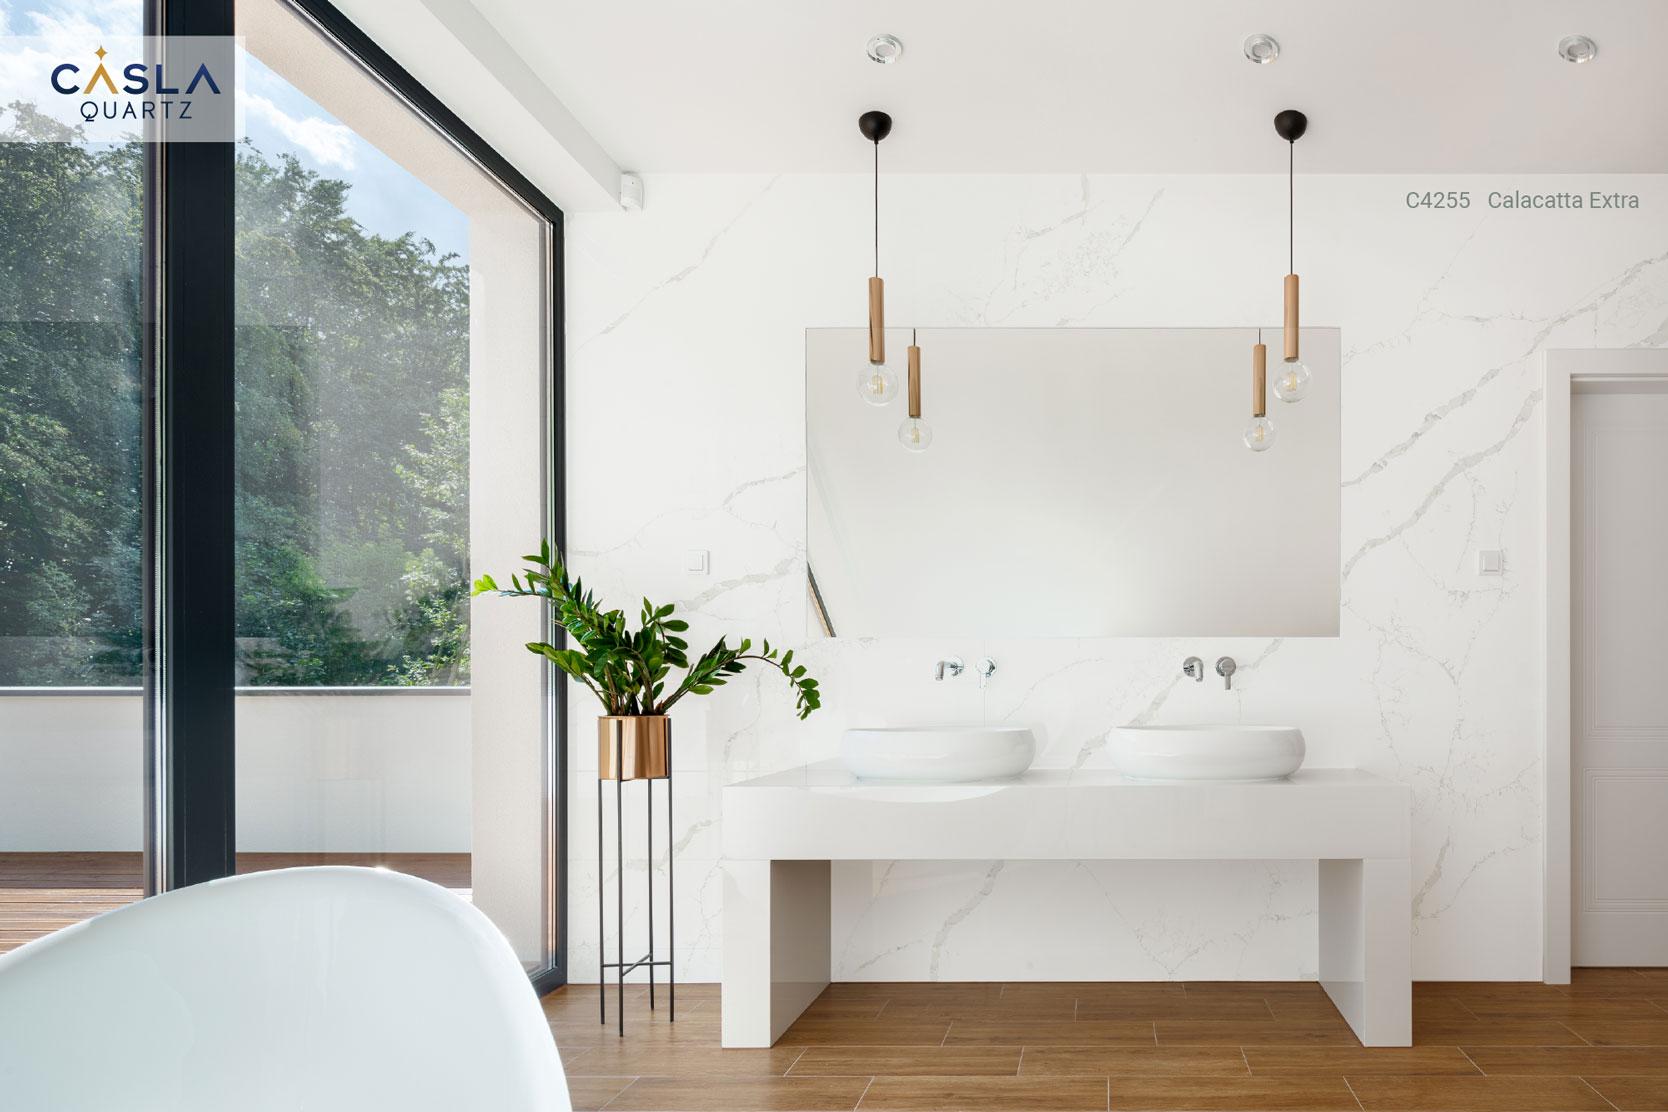 Đá thạch anh nhân tạo Calacatta Extra ở phòng tắm, nhà vệ sinh cao cấp